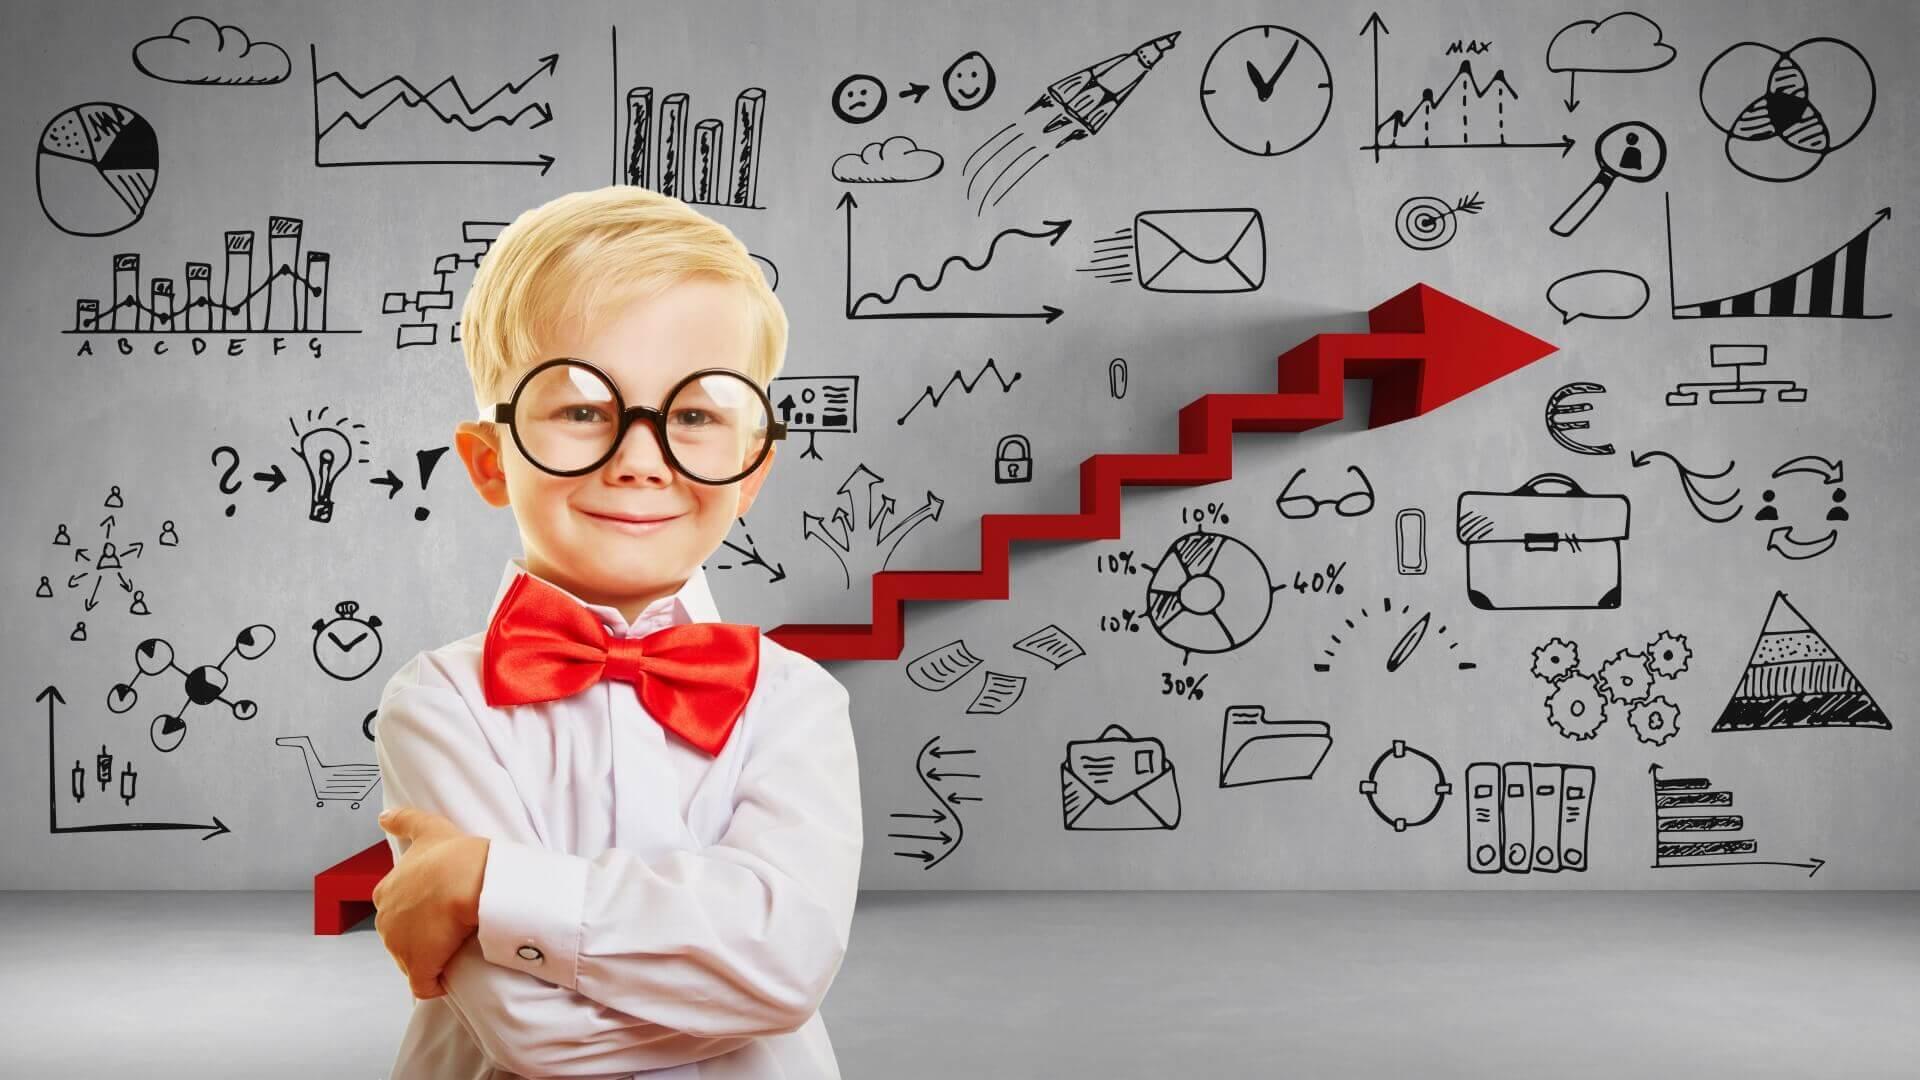 startup, tendances, entrepreunairat, création d'entreprise